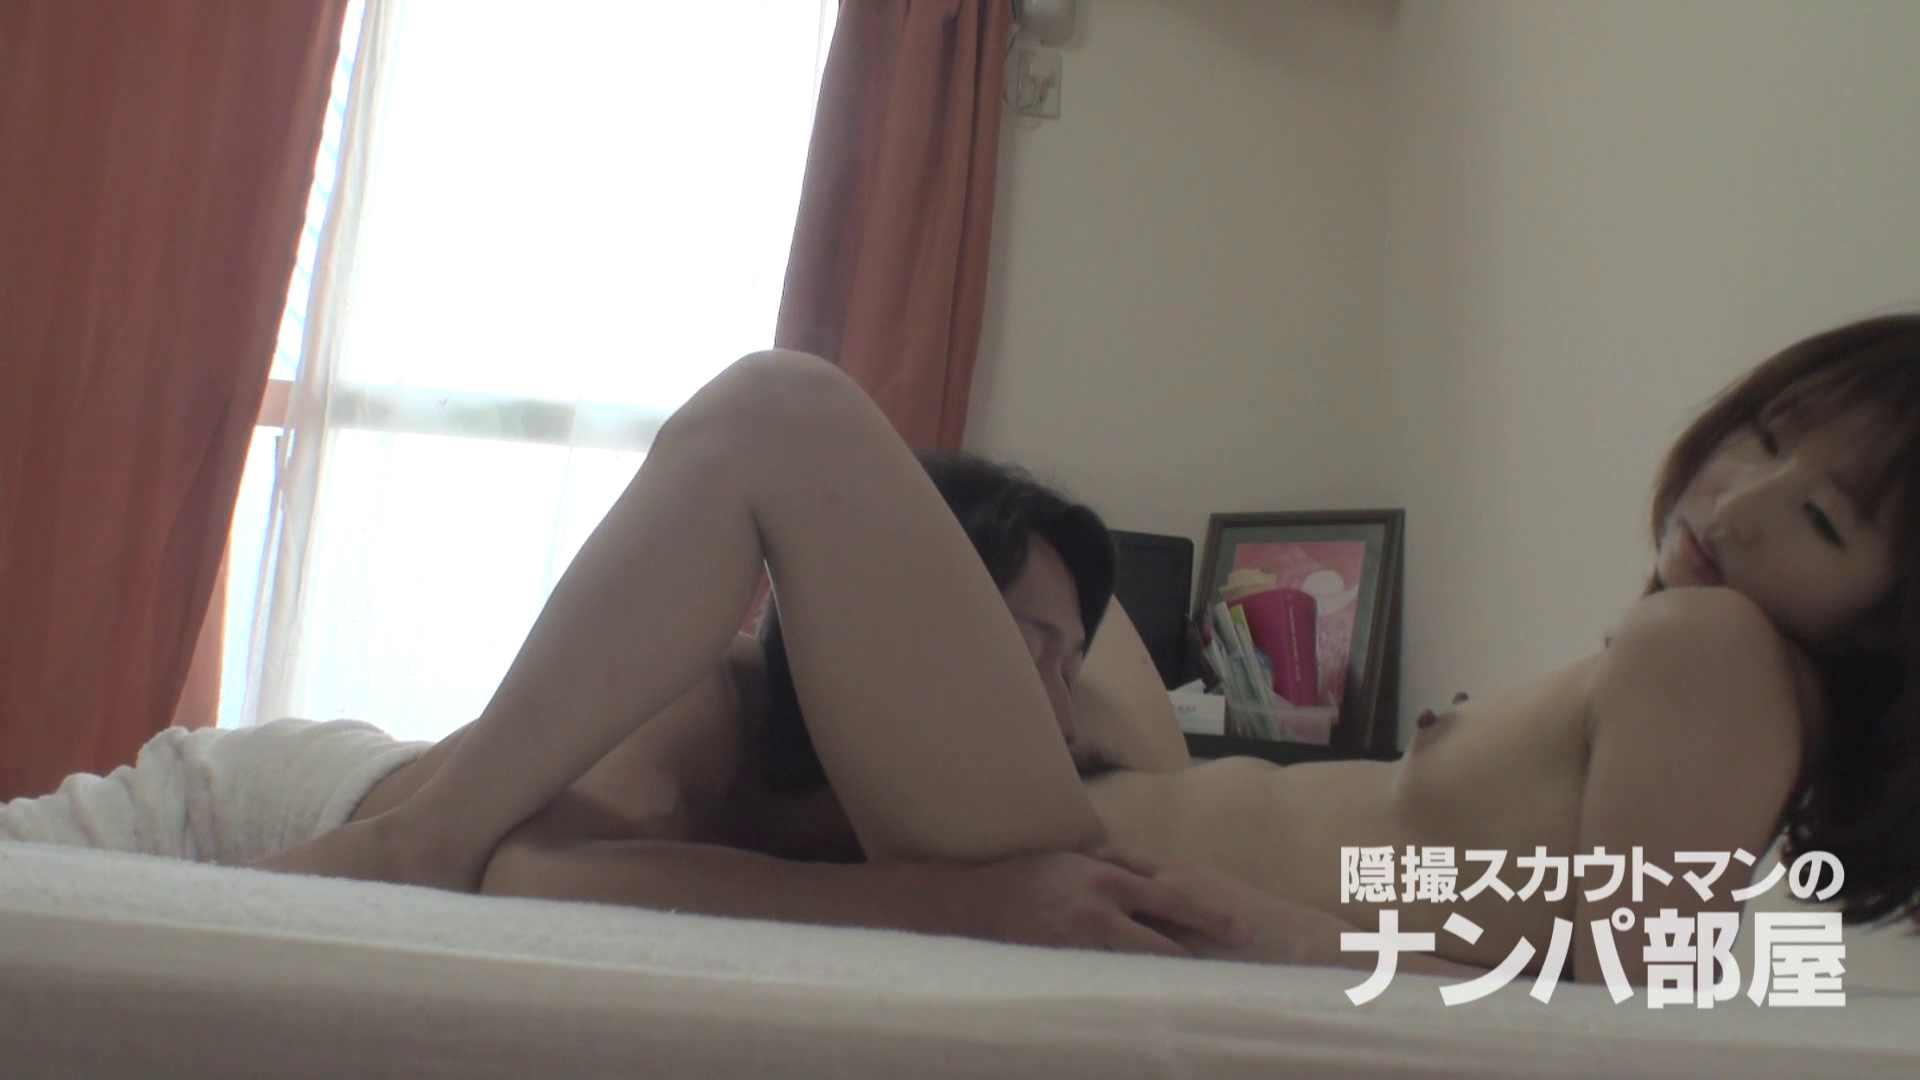 隠撮スカウトマンのナンパ部屋~風俗デビュー前のつまみ食い~ sii 脱衣所 | 隠撮  68画像 59